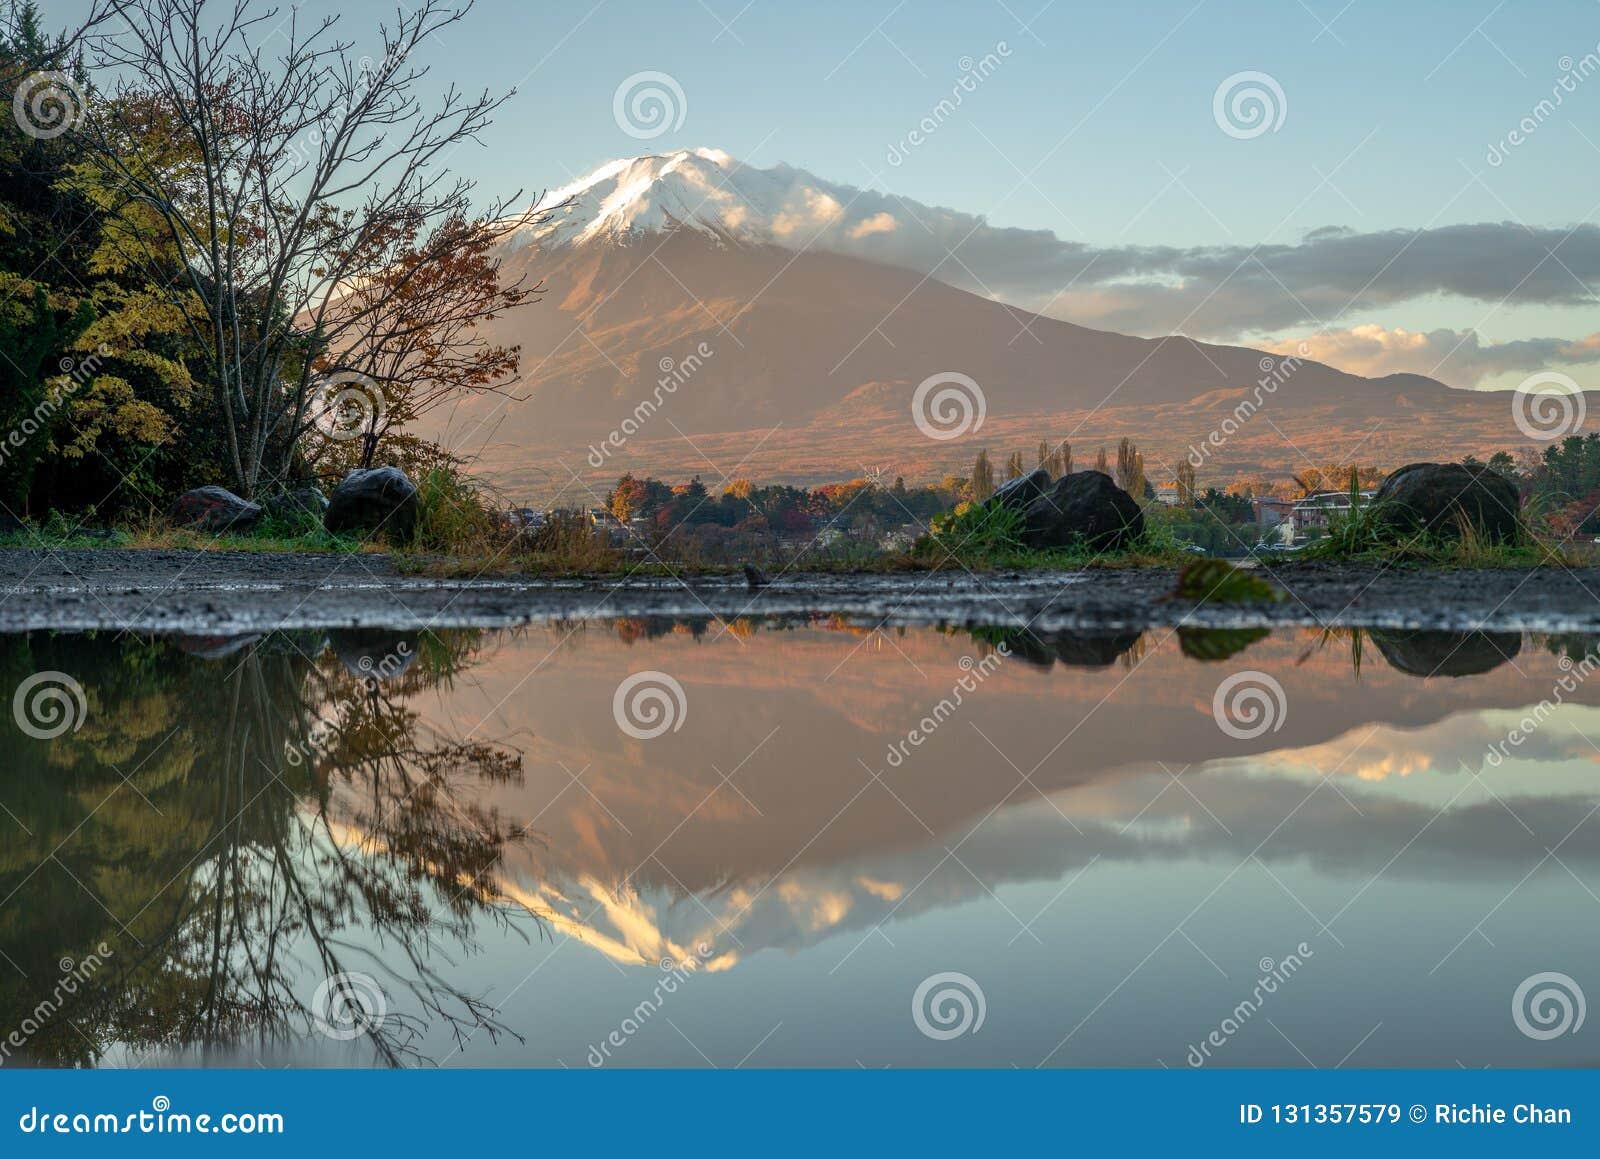 Mount Fuji и озеро Kawaguchi в Yamanashi, Японии